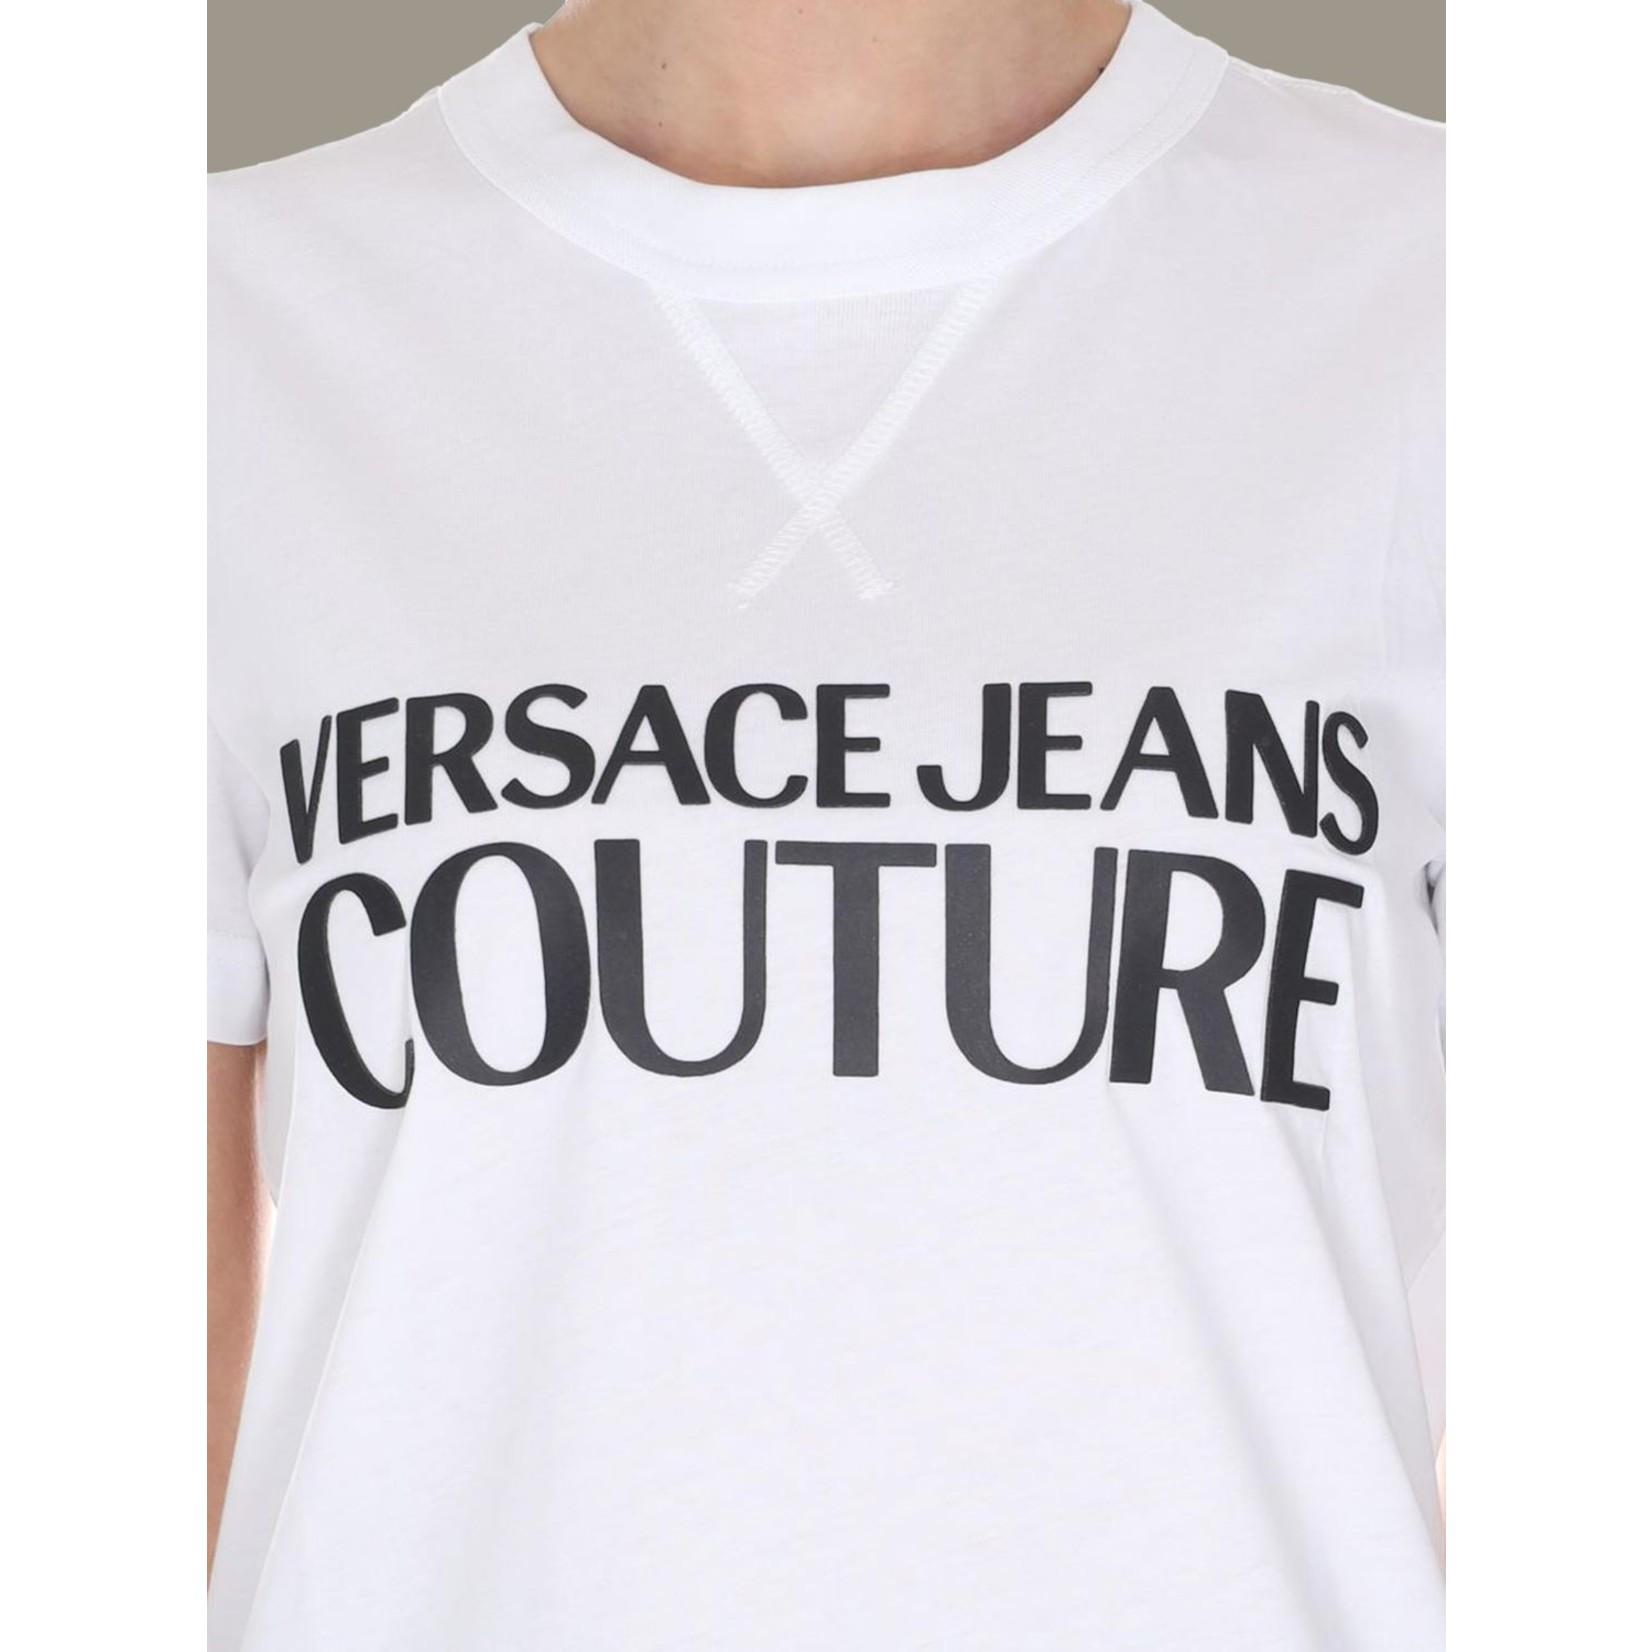 VERSACE JEANS COUTURE VERSACE JEANS COUTURE T-SHIRT  B2HVA7X0 - WHITE